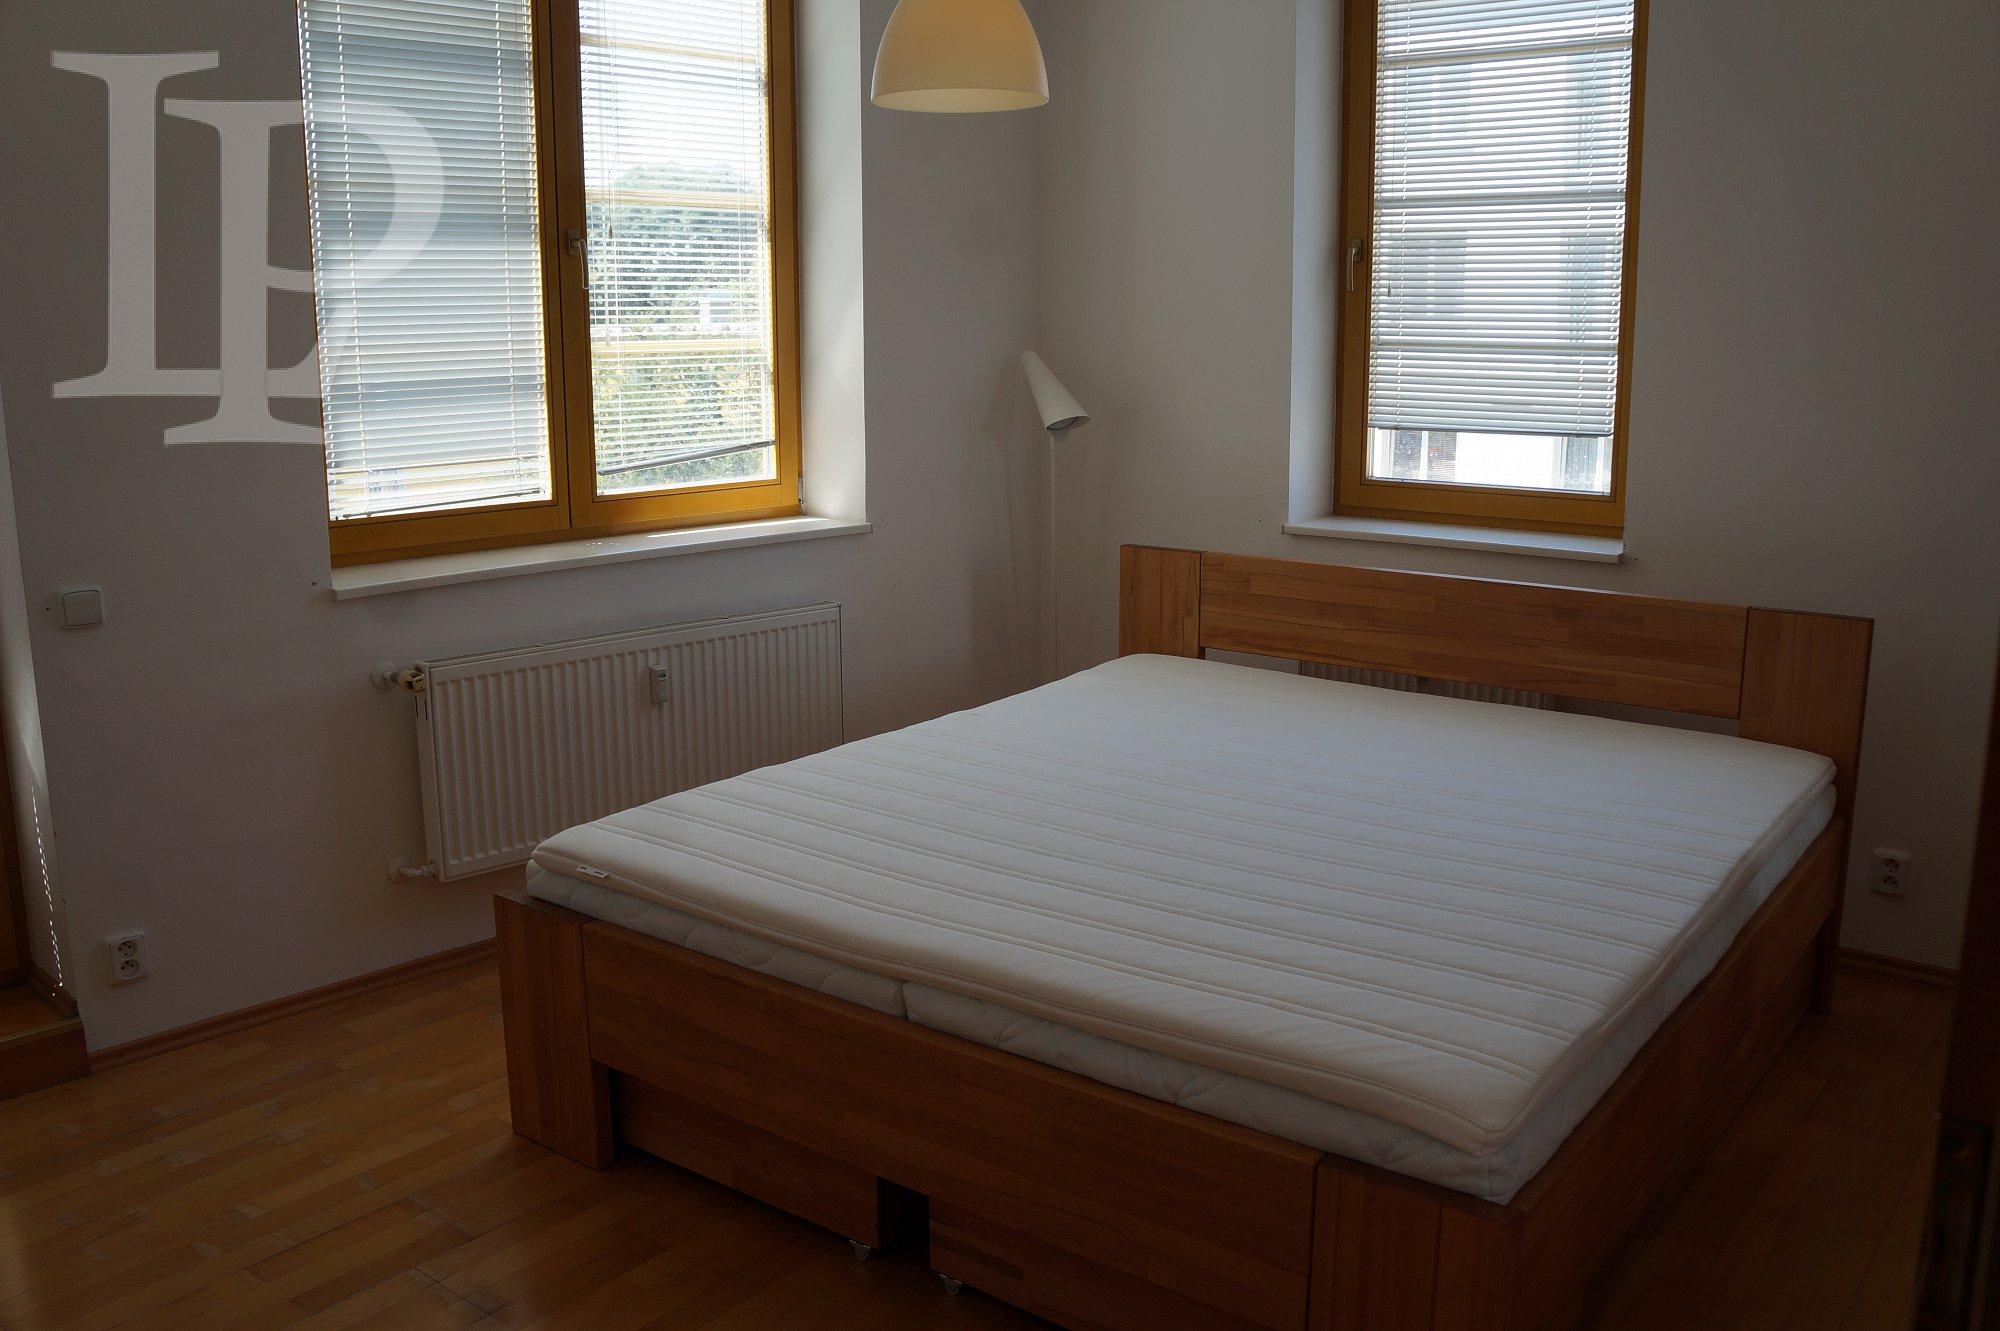 Prodej bytu 4+kk, osobní vlastnictví, cihla, ul. Na Okraji, Praha 6